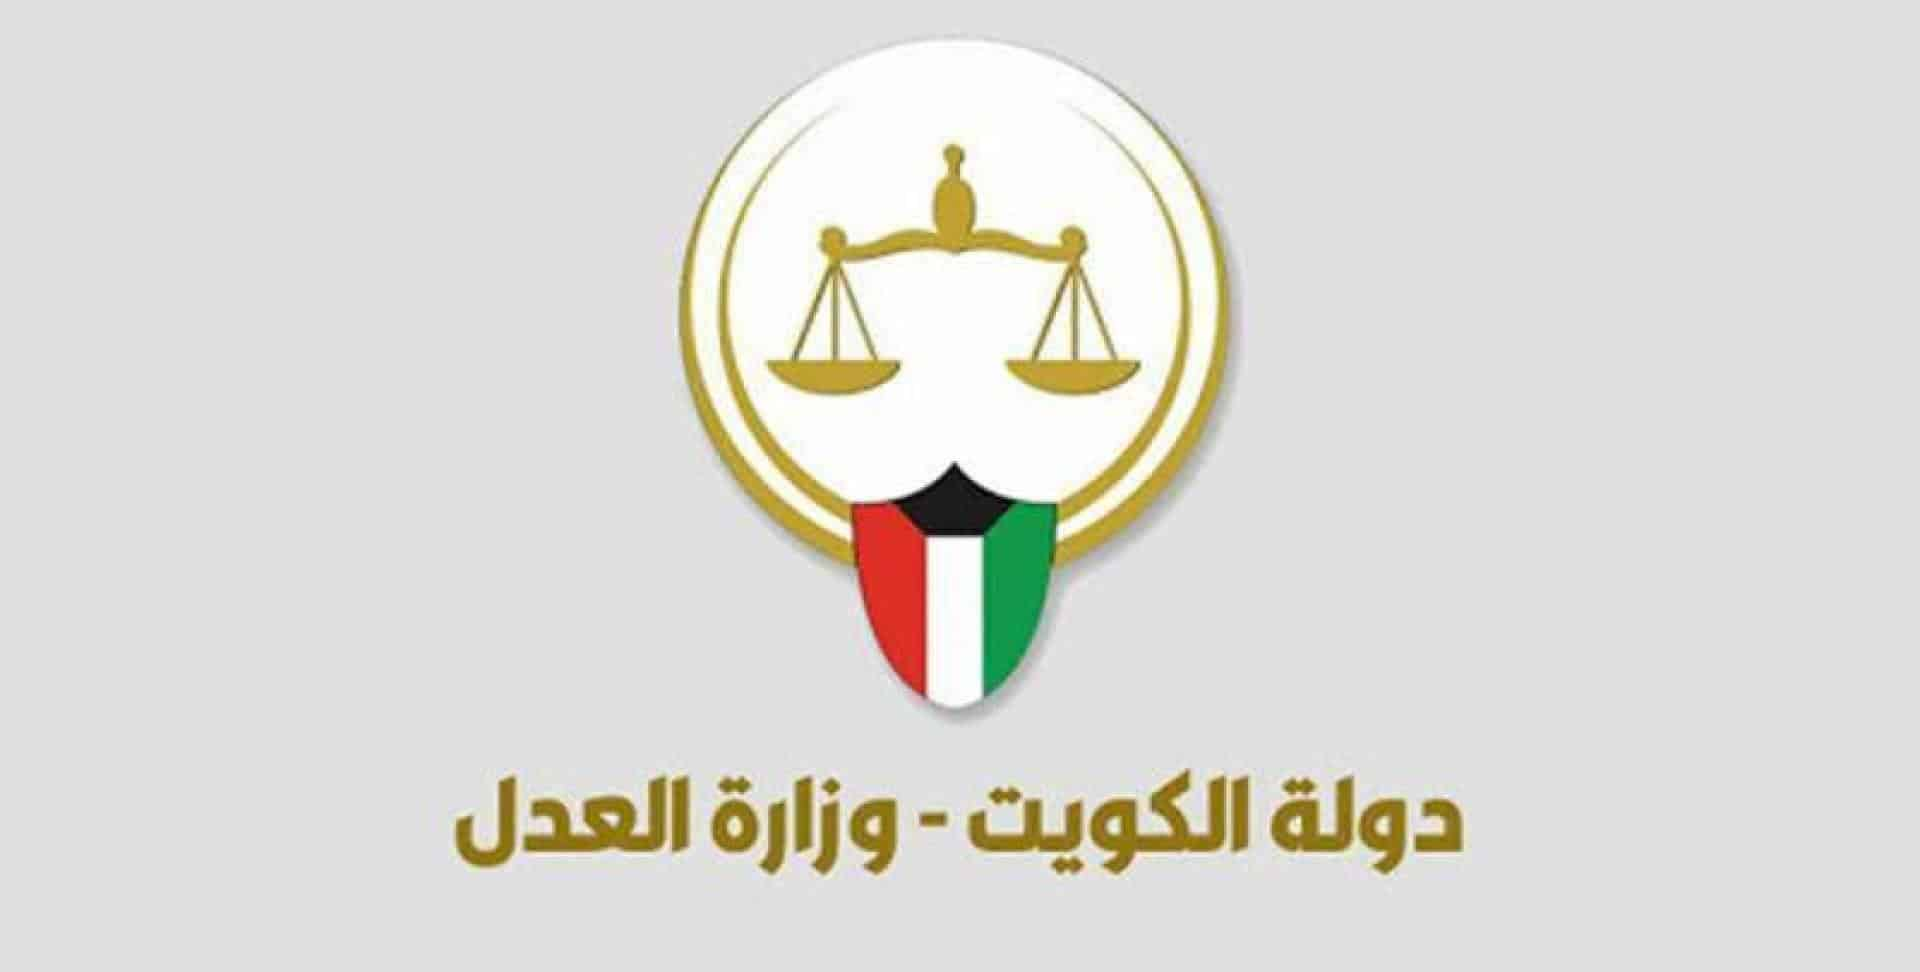 رابط الاستعلام عن تنفيذ الأحكام بالرقم المدني في الكويت